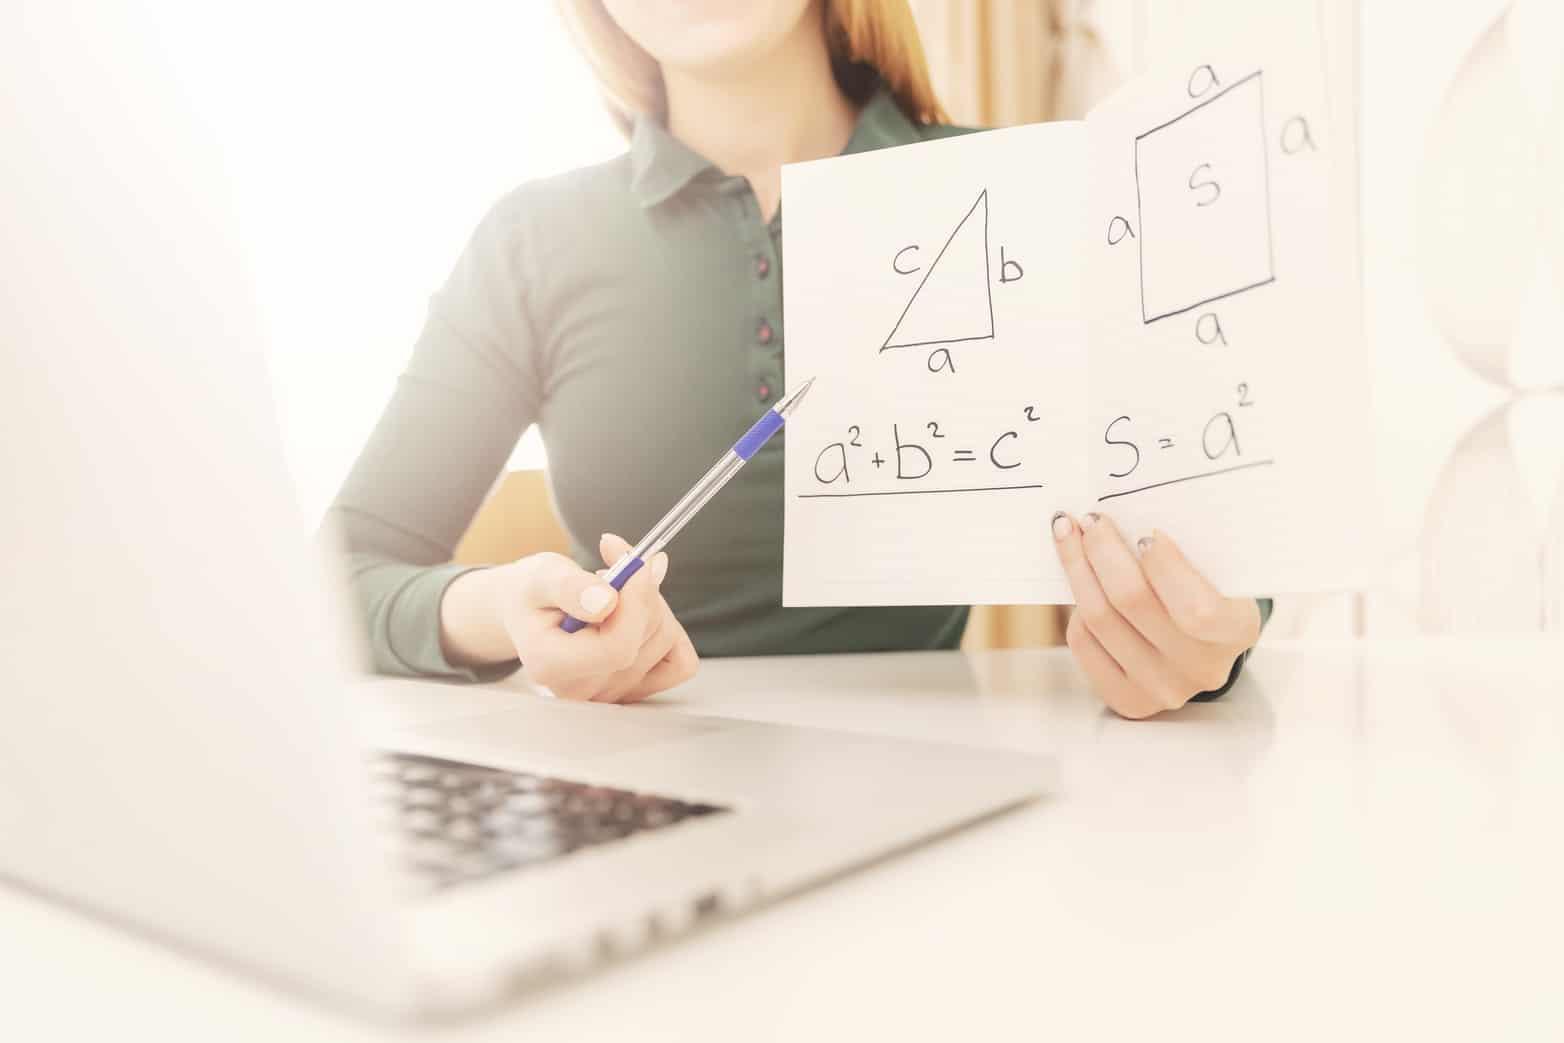 Math teacher explains online lesson to students